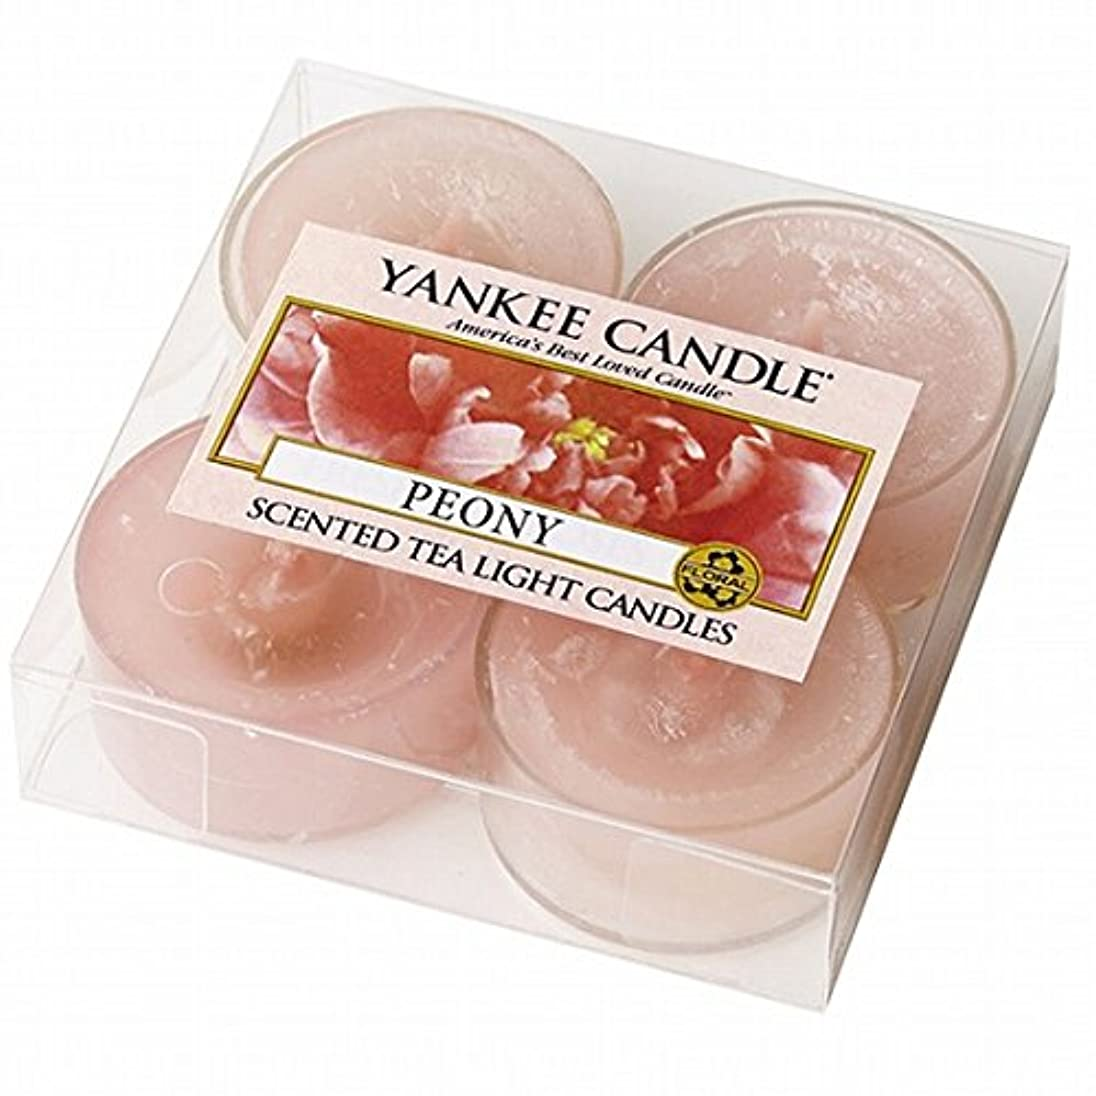 無し神経障害失礼なYANKEE CANDLE(ヤンキーキャンドル) YANKEE CANDLE クリアカップティーライト4個入り 「ピオニー」(K00205275)